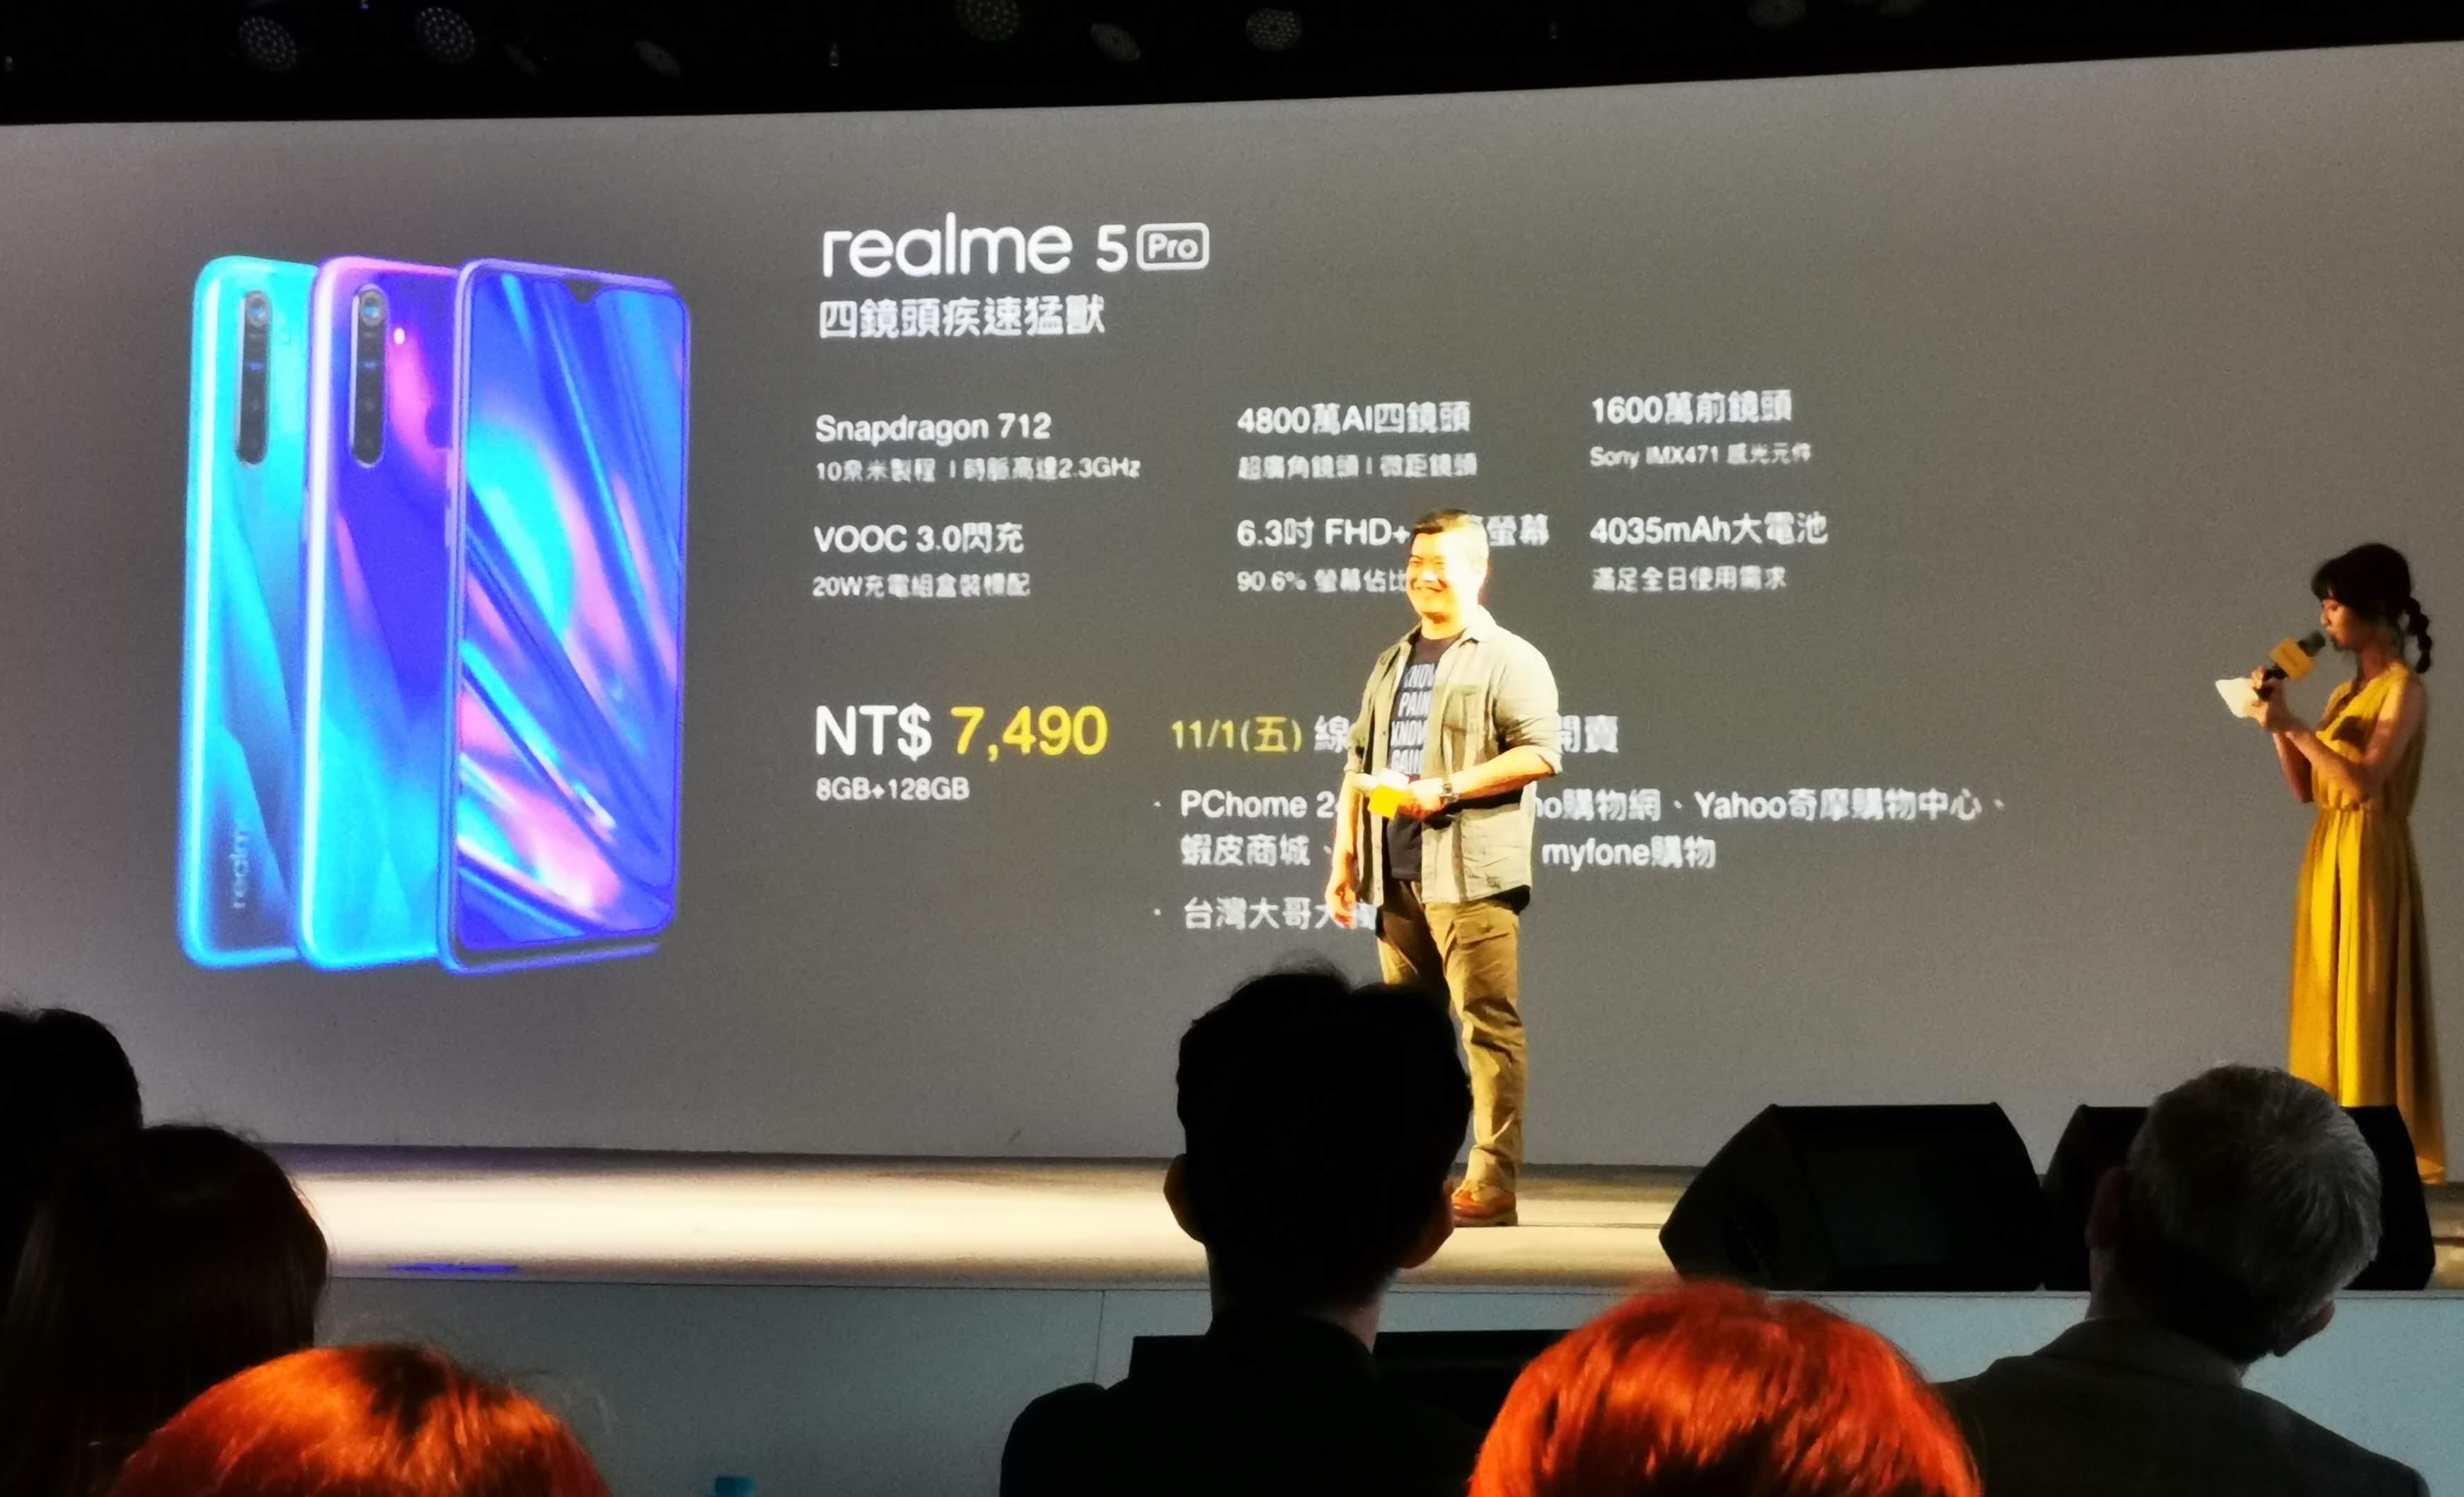 realme 5 Pro 有光鑽綠、光鑽藍兩個配色,搭配 8+128GB,單機售價7,490元